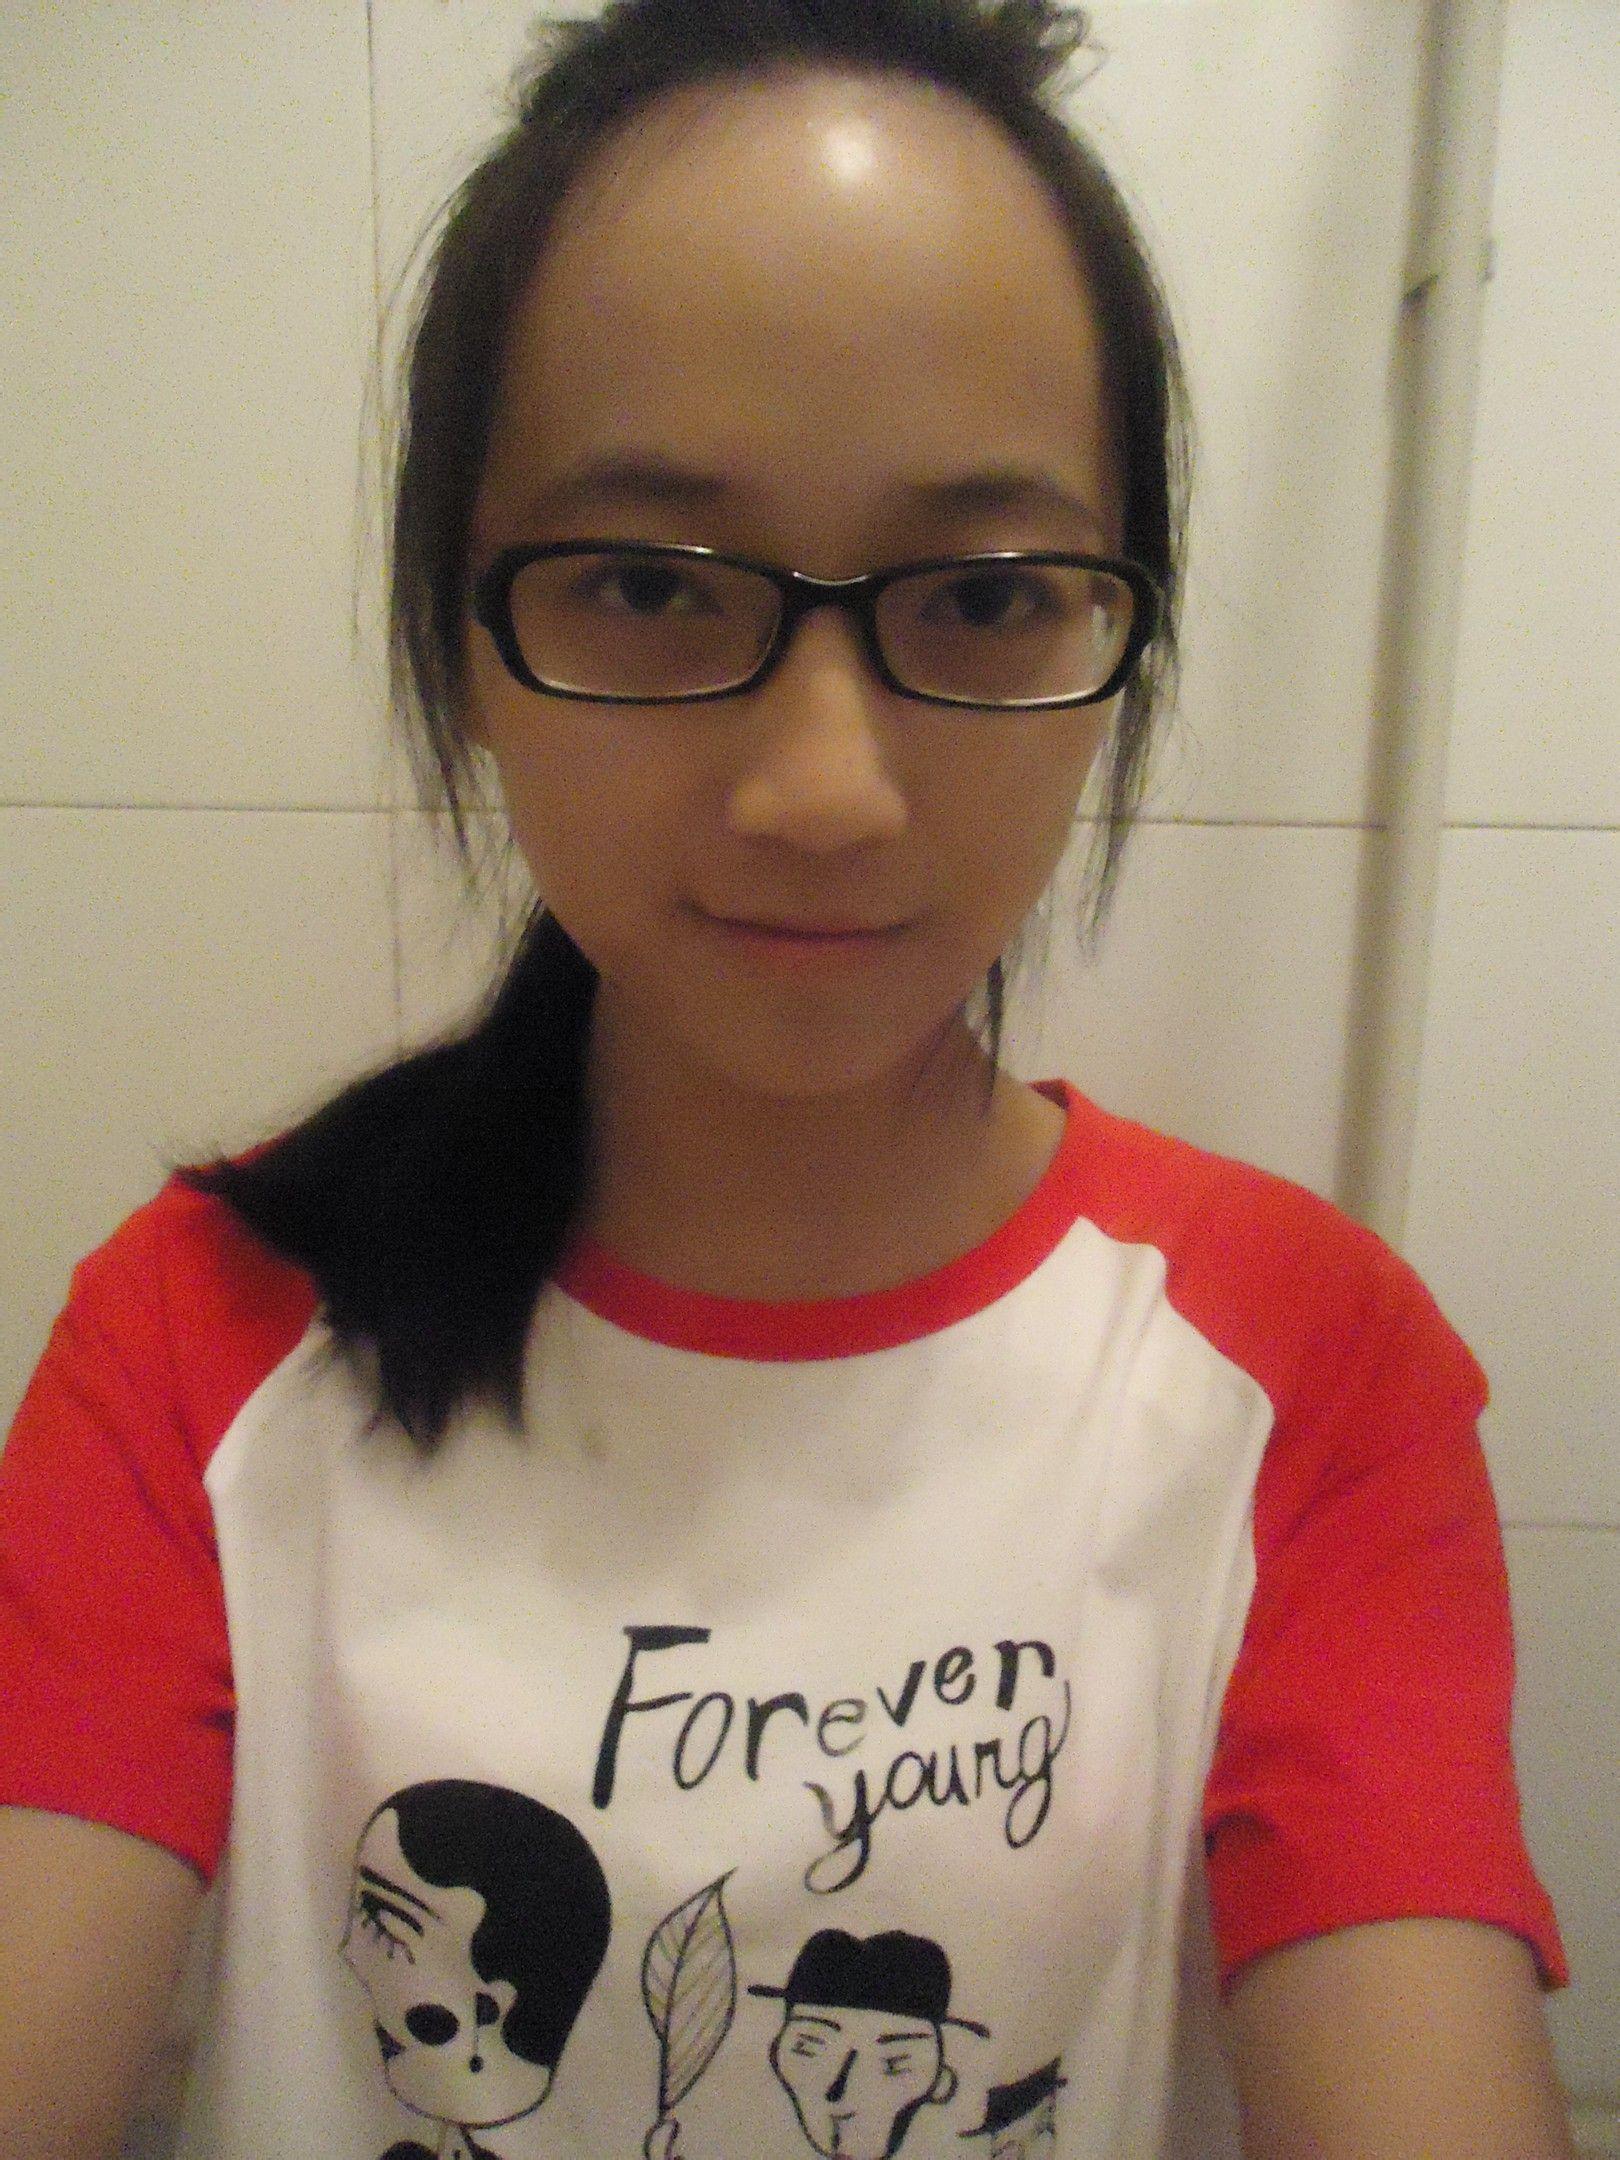 额头高脸长戴眼镜鼻子高小嘴巴的女生适合什么发型?图片